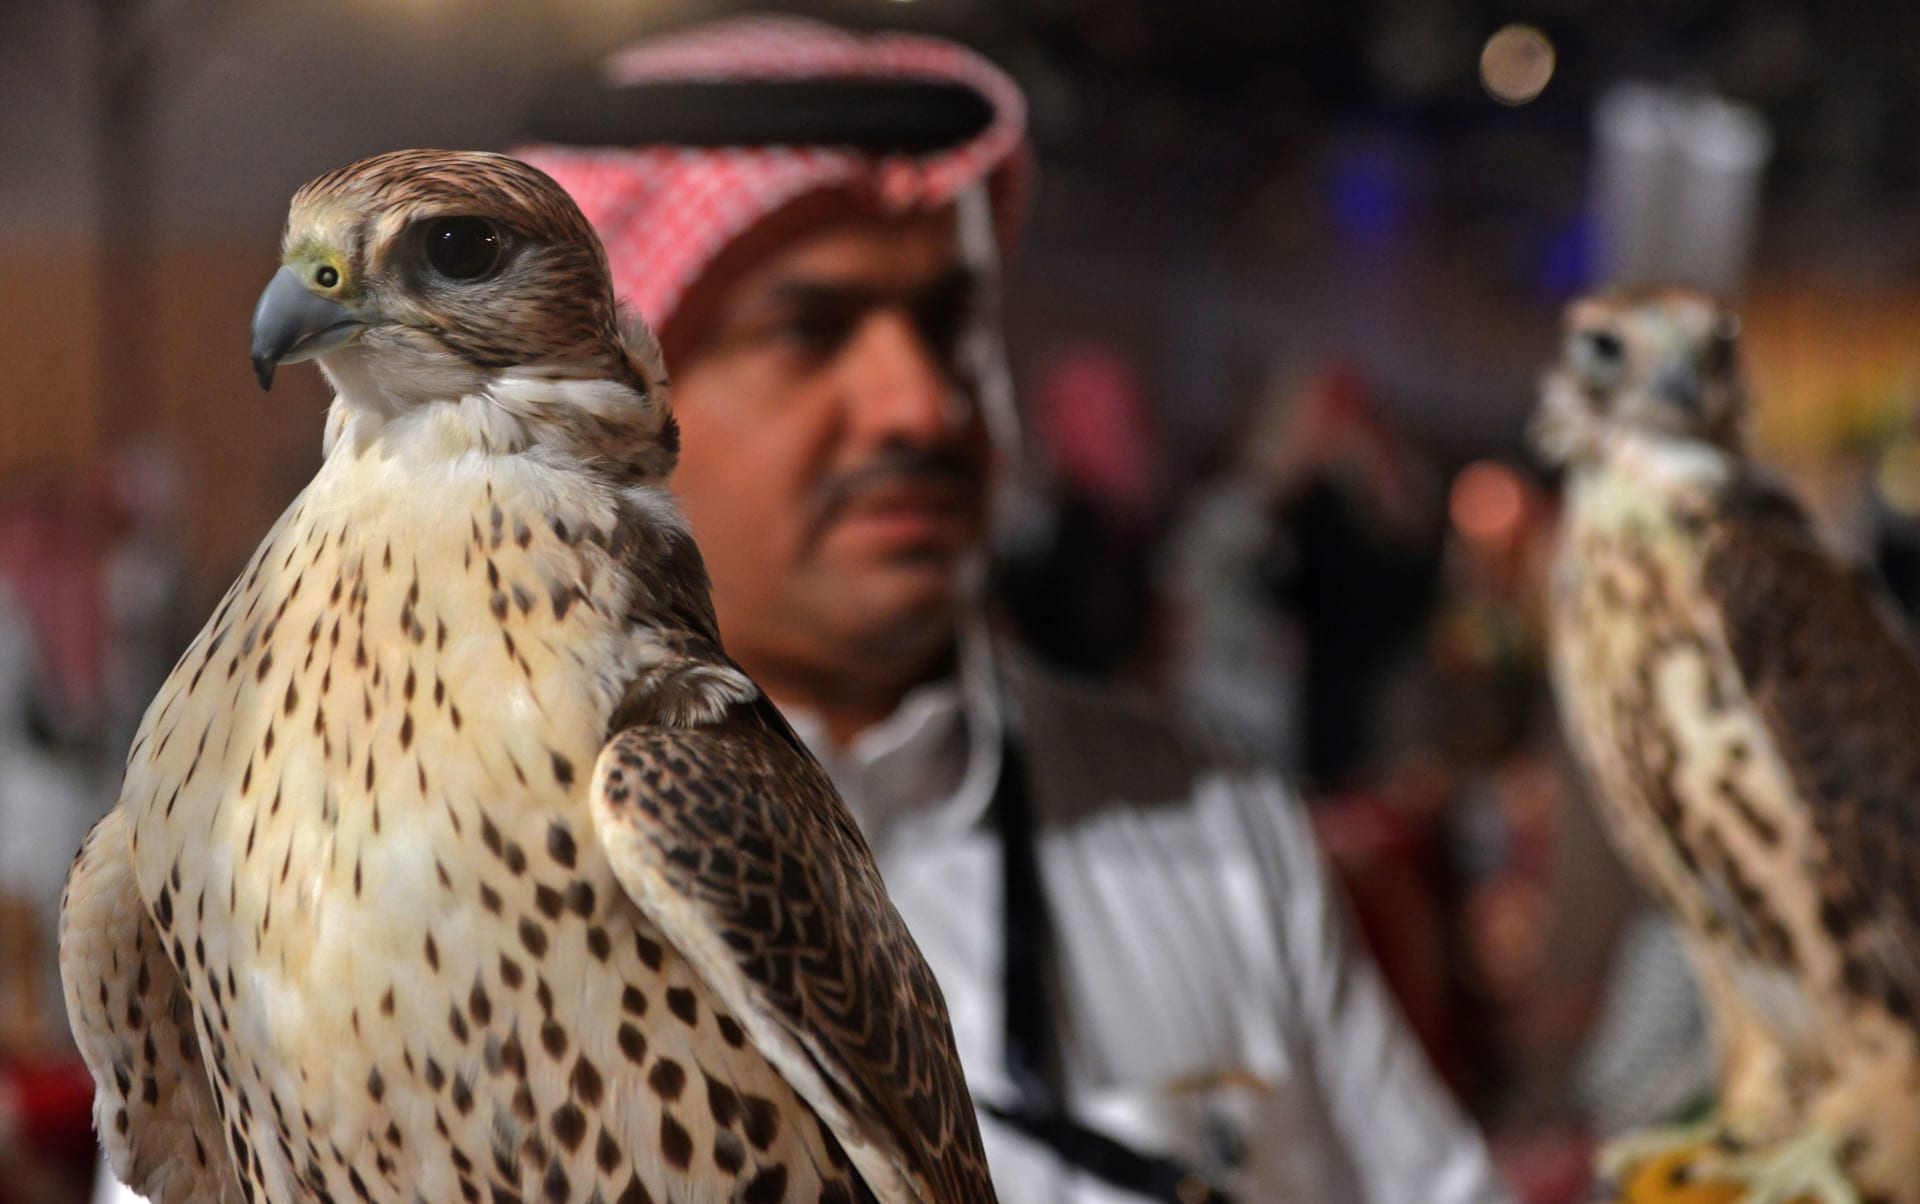 ارض يحمل صقراً خلال المعرض السعودي الأول للصقور والصيد في العاصمة الرياض في 7 ديسمبر 2018